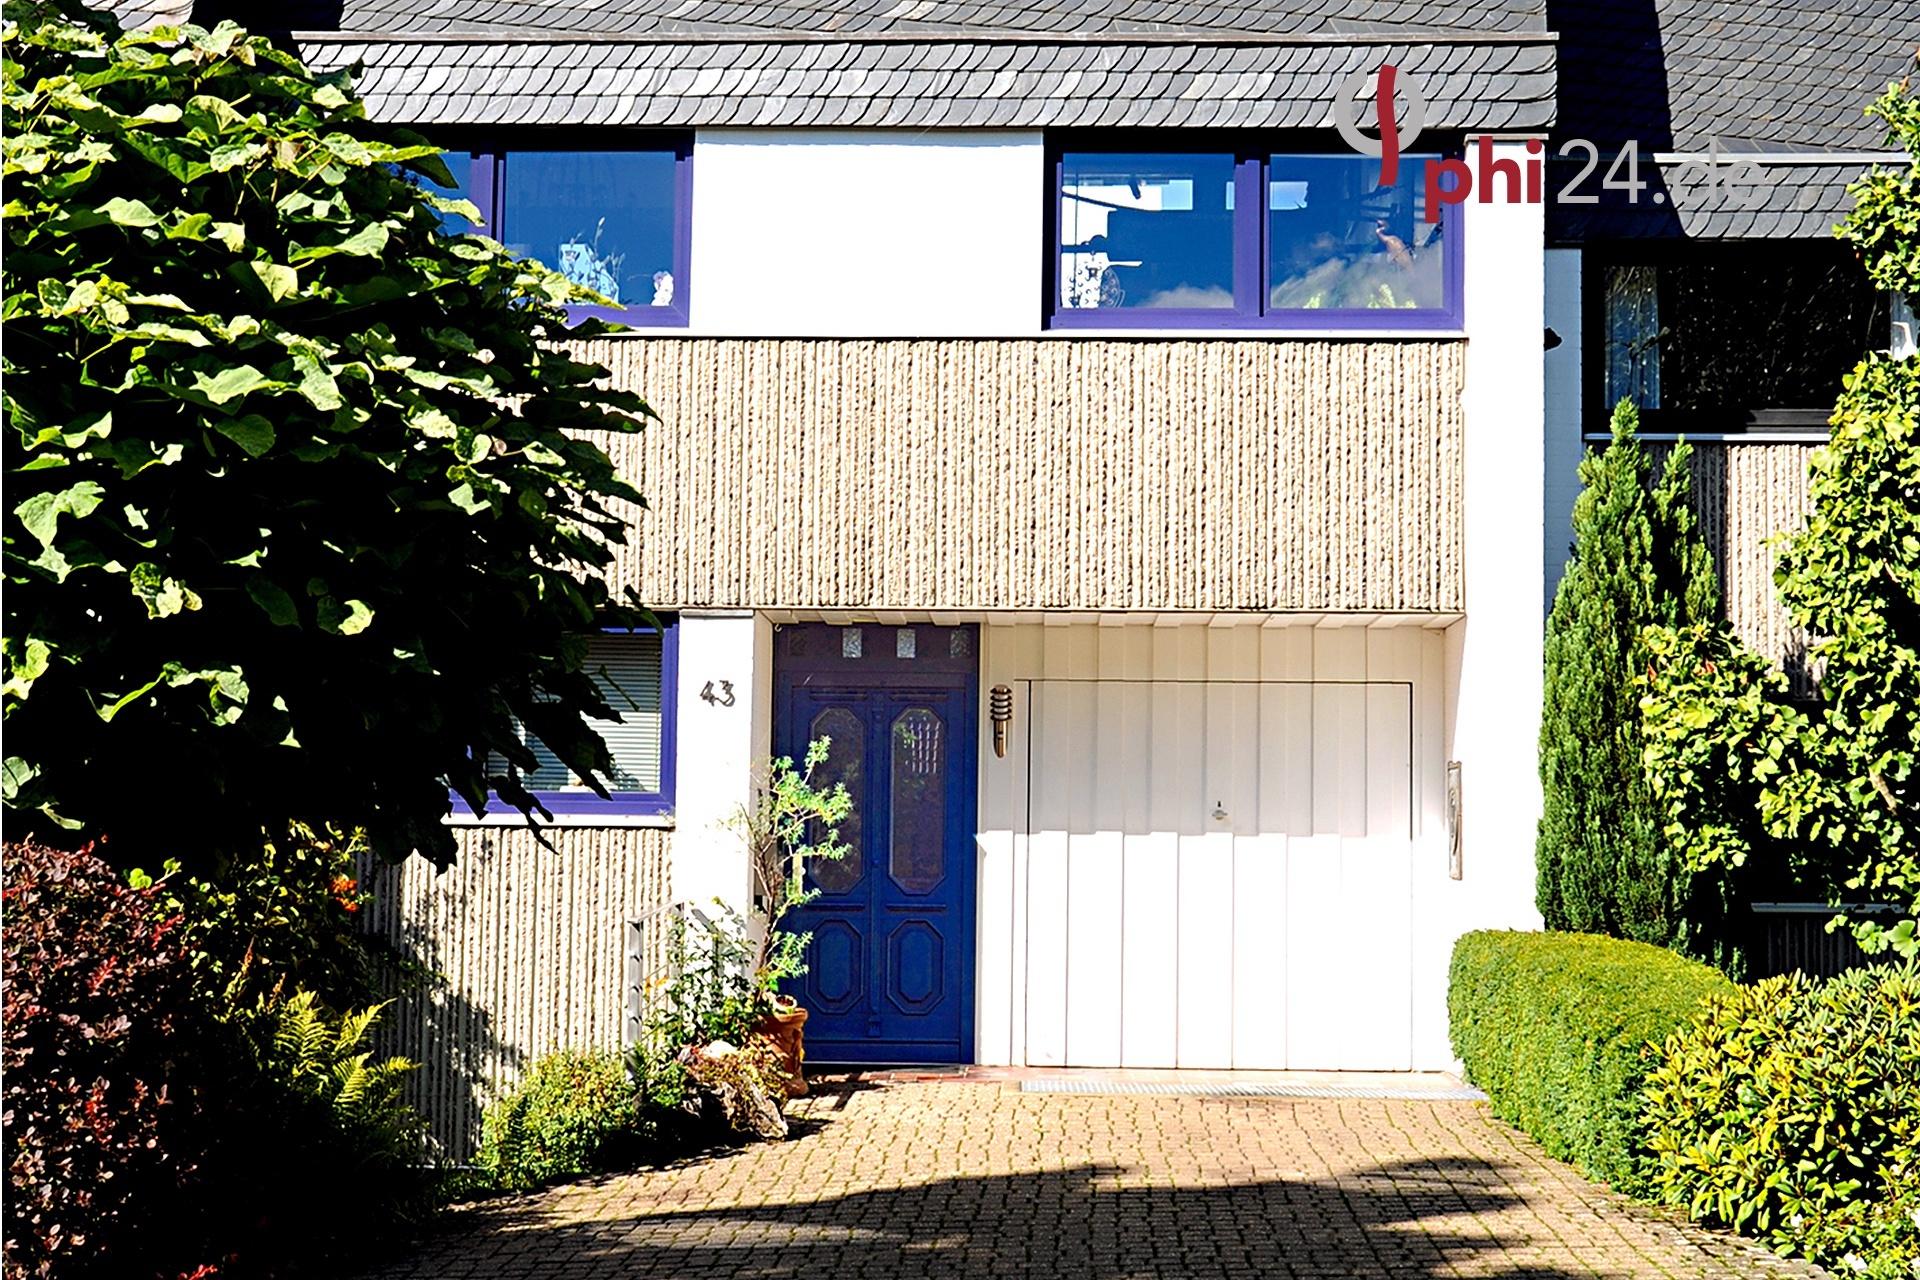 Immobilienmakler Stolberg Reihenhaus referenzen mit Immobilienbewertung